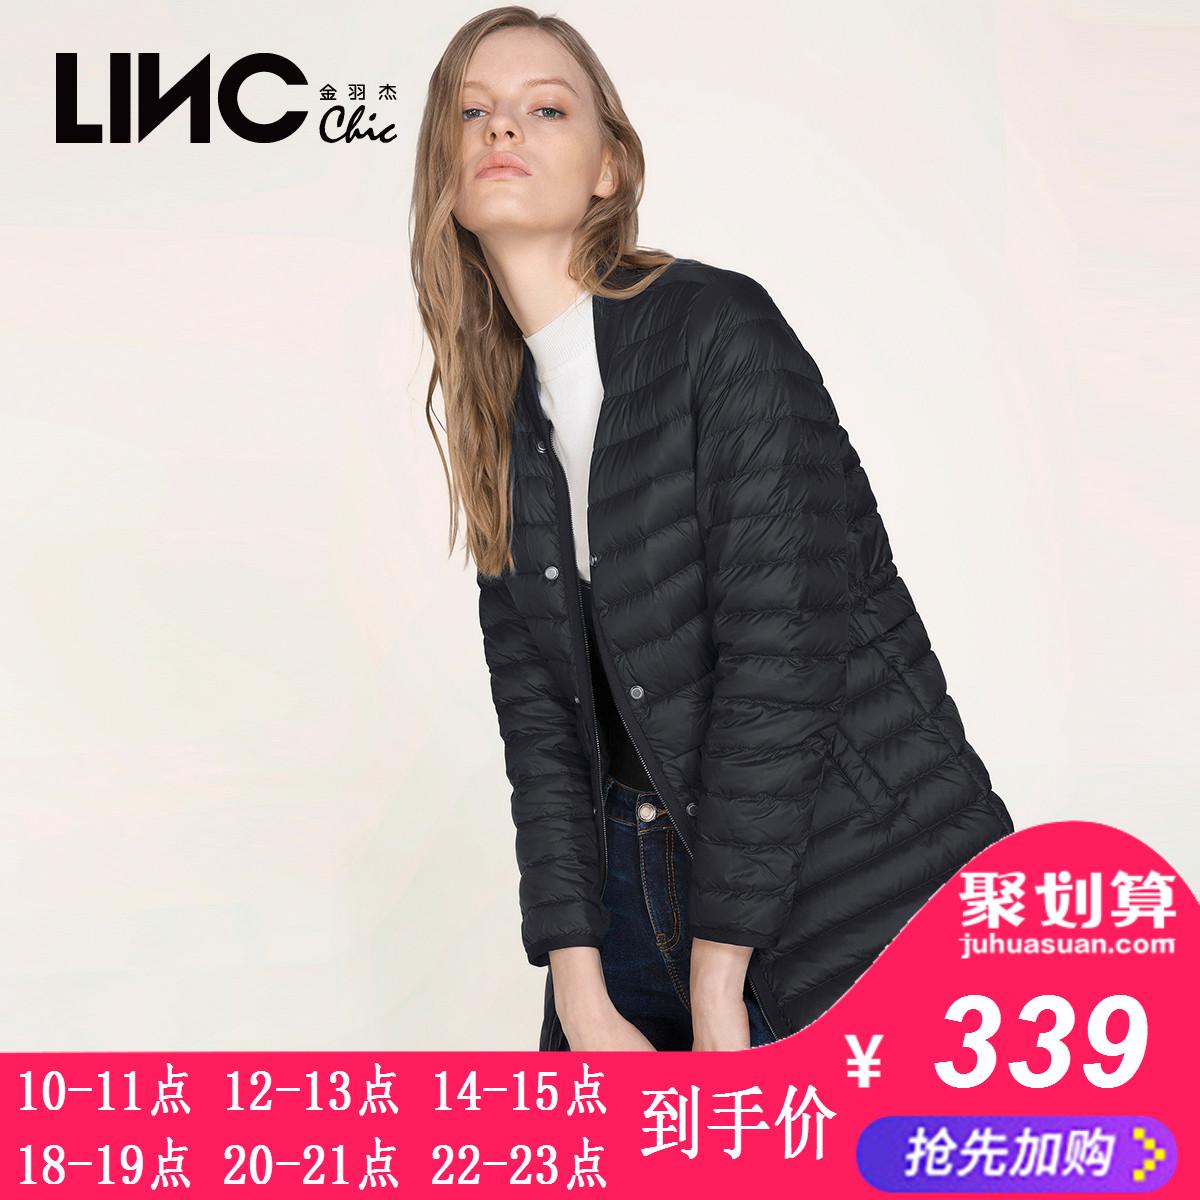 LINC金羽杰秋冬新款街头棒球衫领轻薄羽绒服女中长款收腰显瘦外套